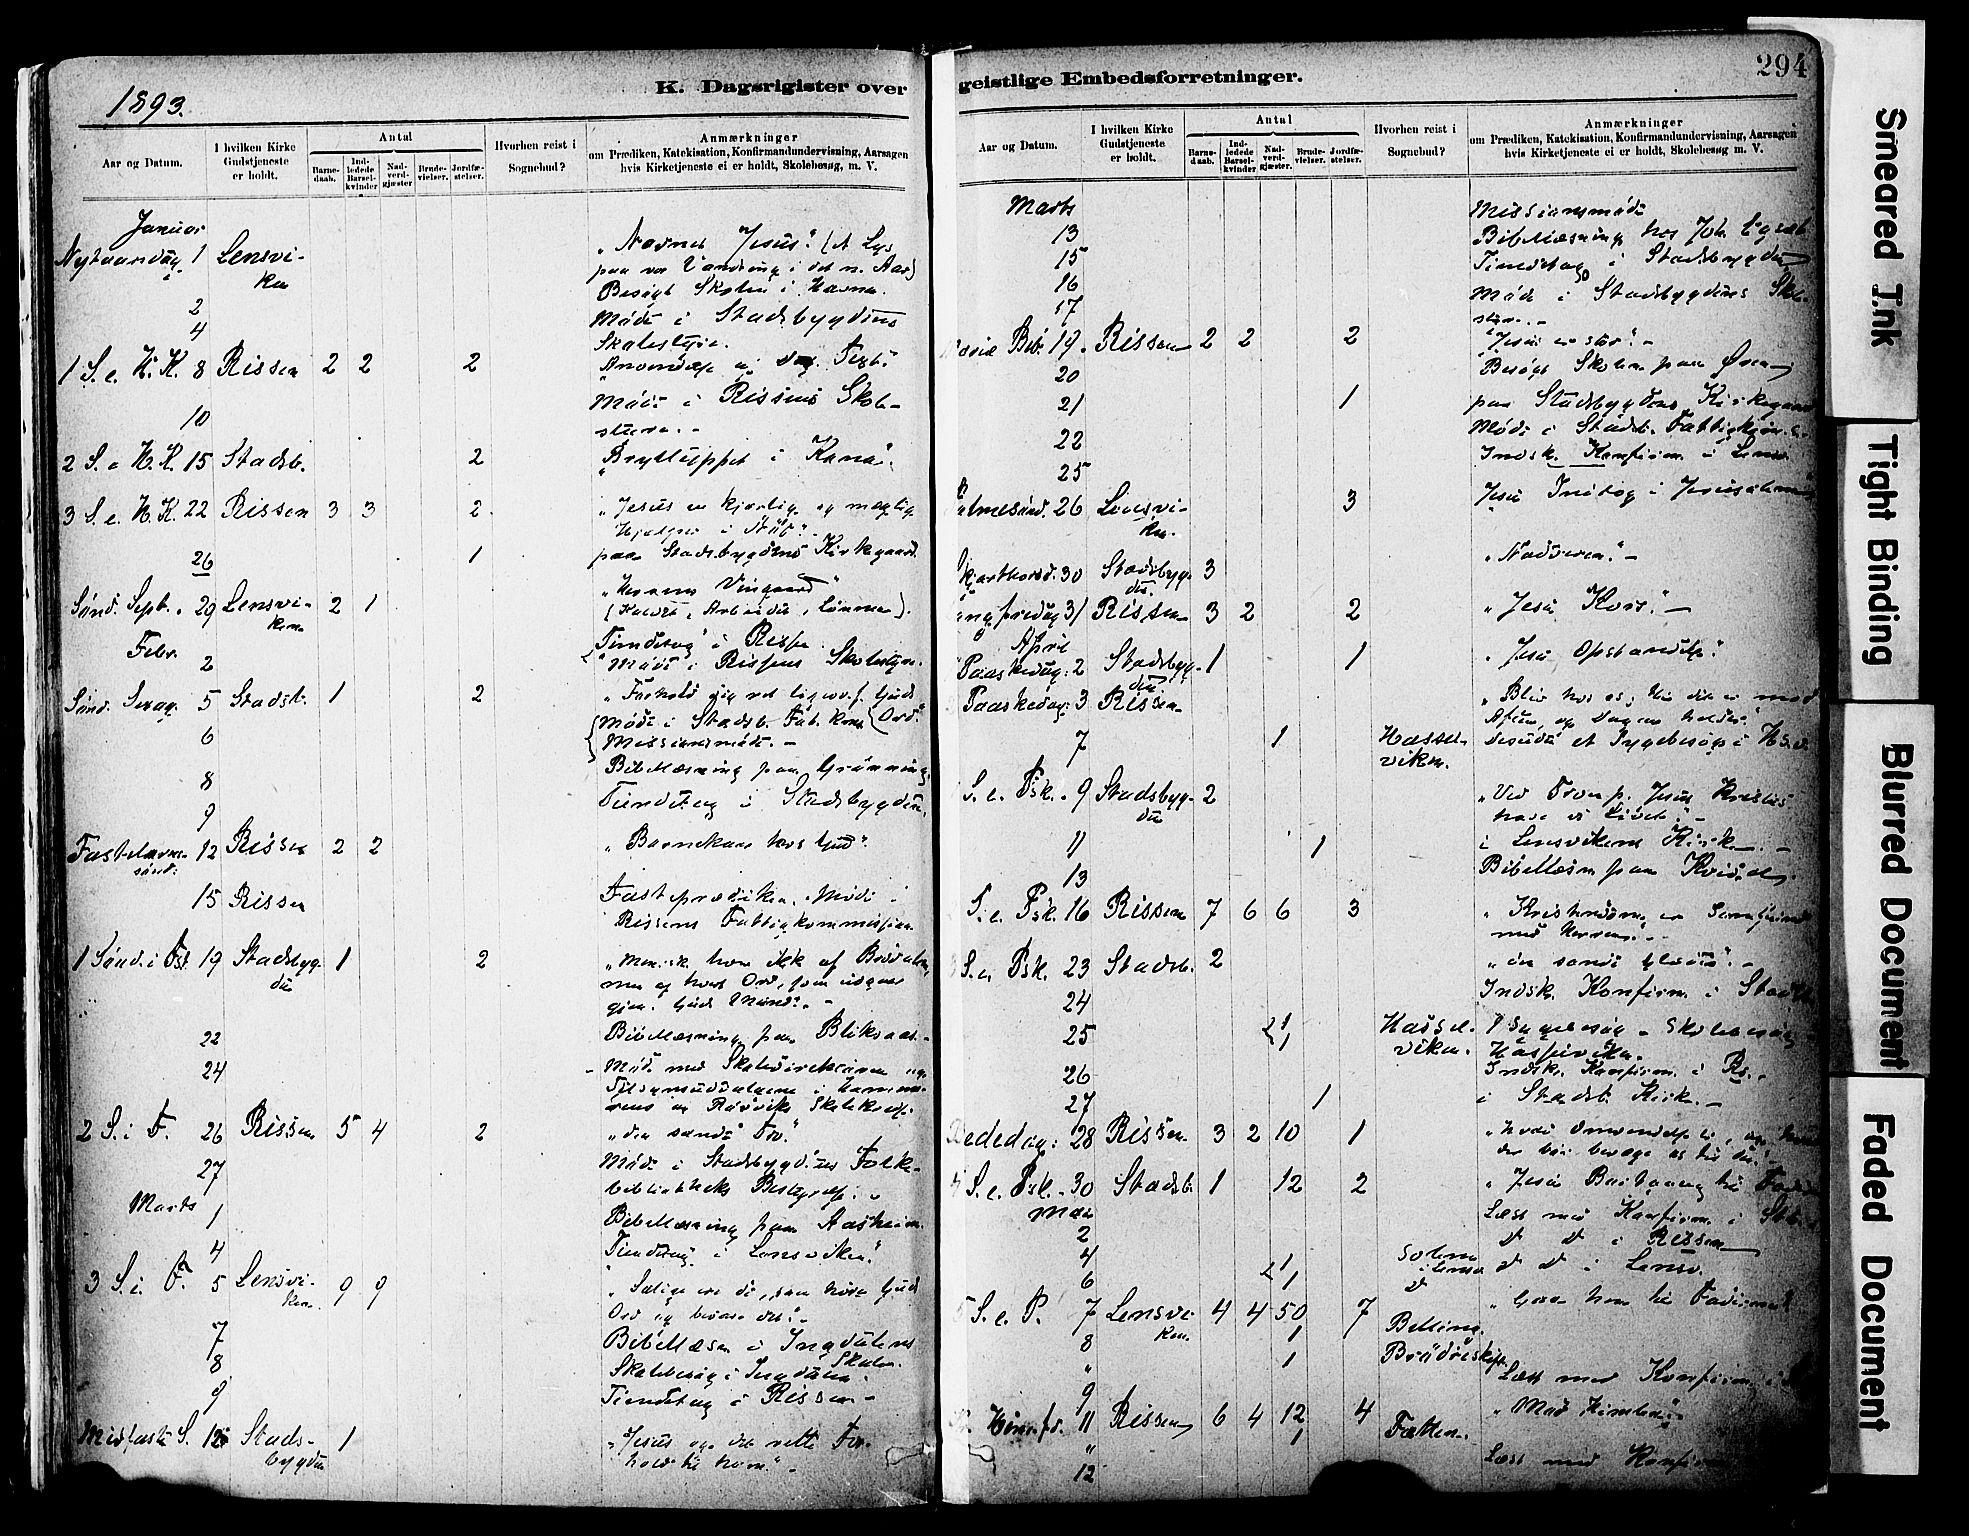 SAT, Ministerialprotokoller, klokkerbøker og fødselsregistre - Sør-Trøndelag, 646/L0615: Ministerialbok nr. 646A13, 1885-1900, s. 294